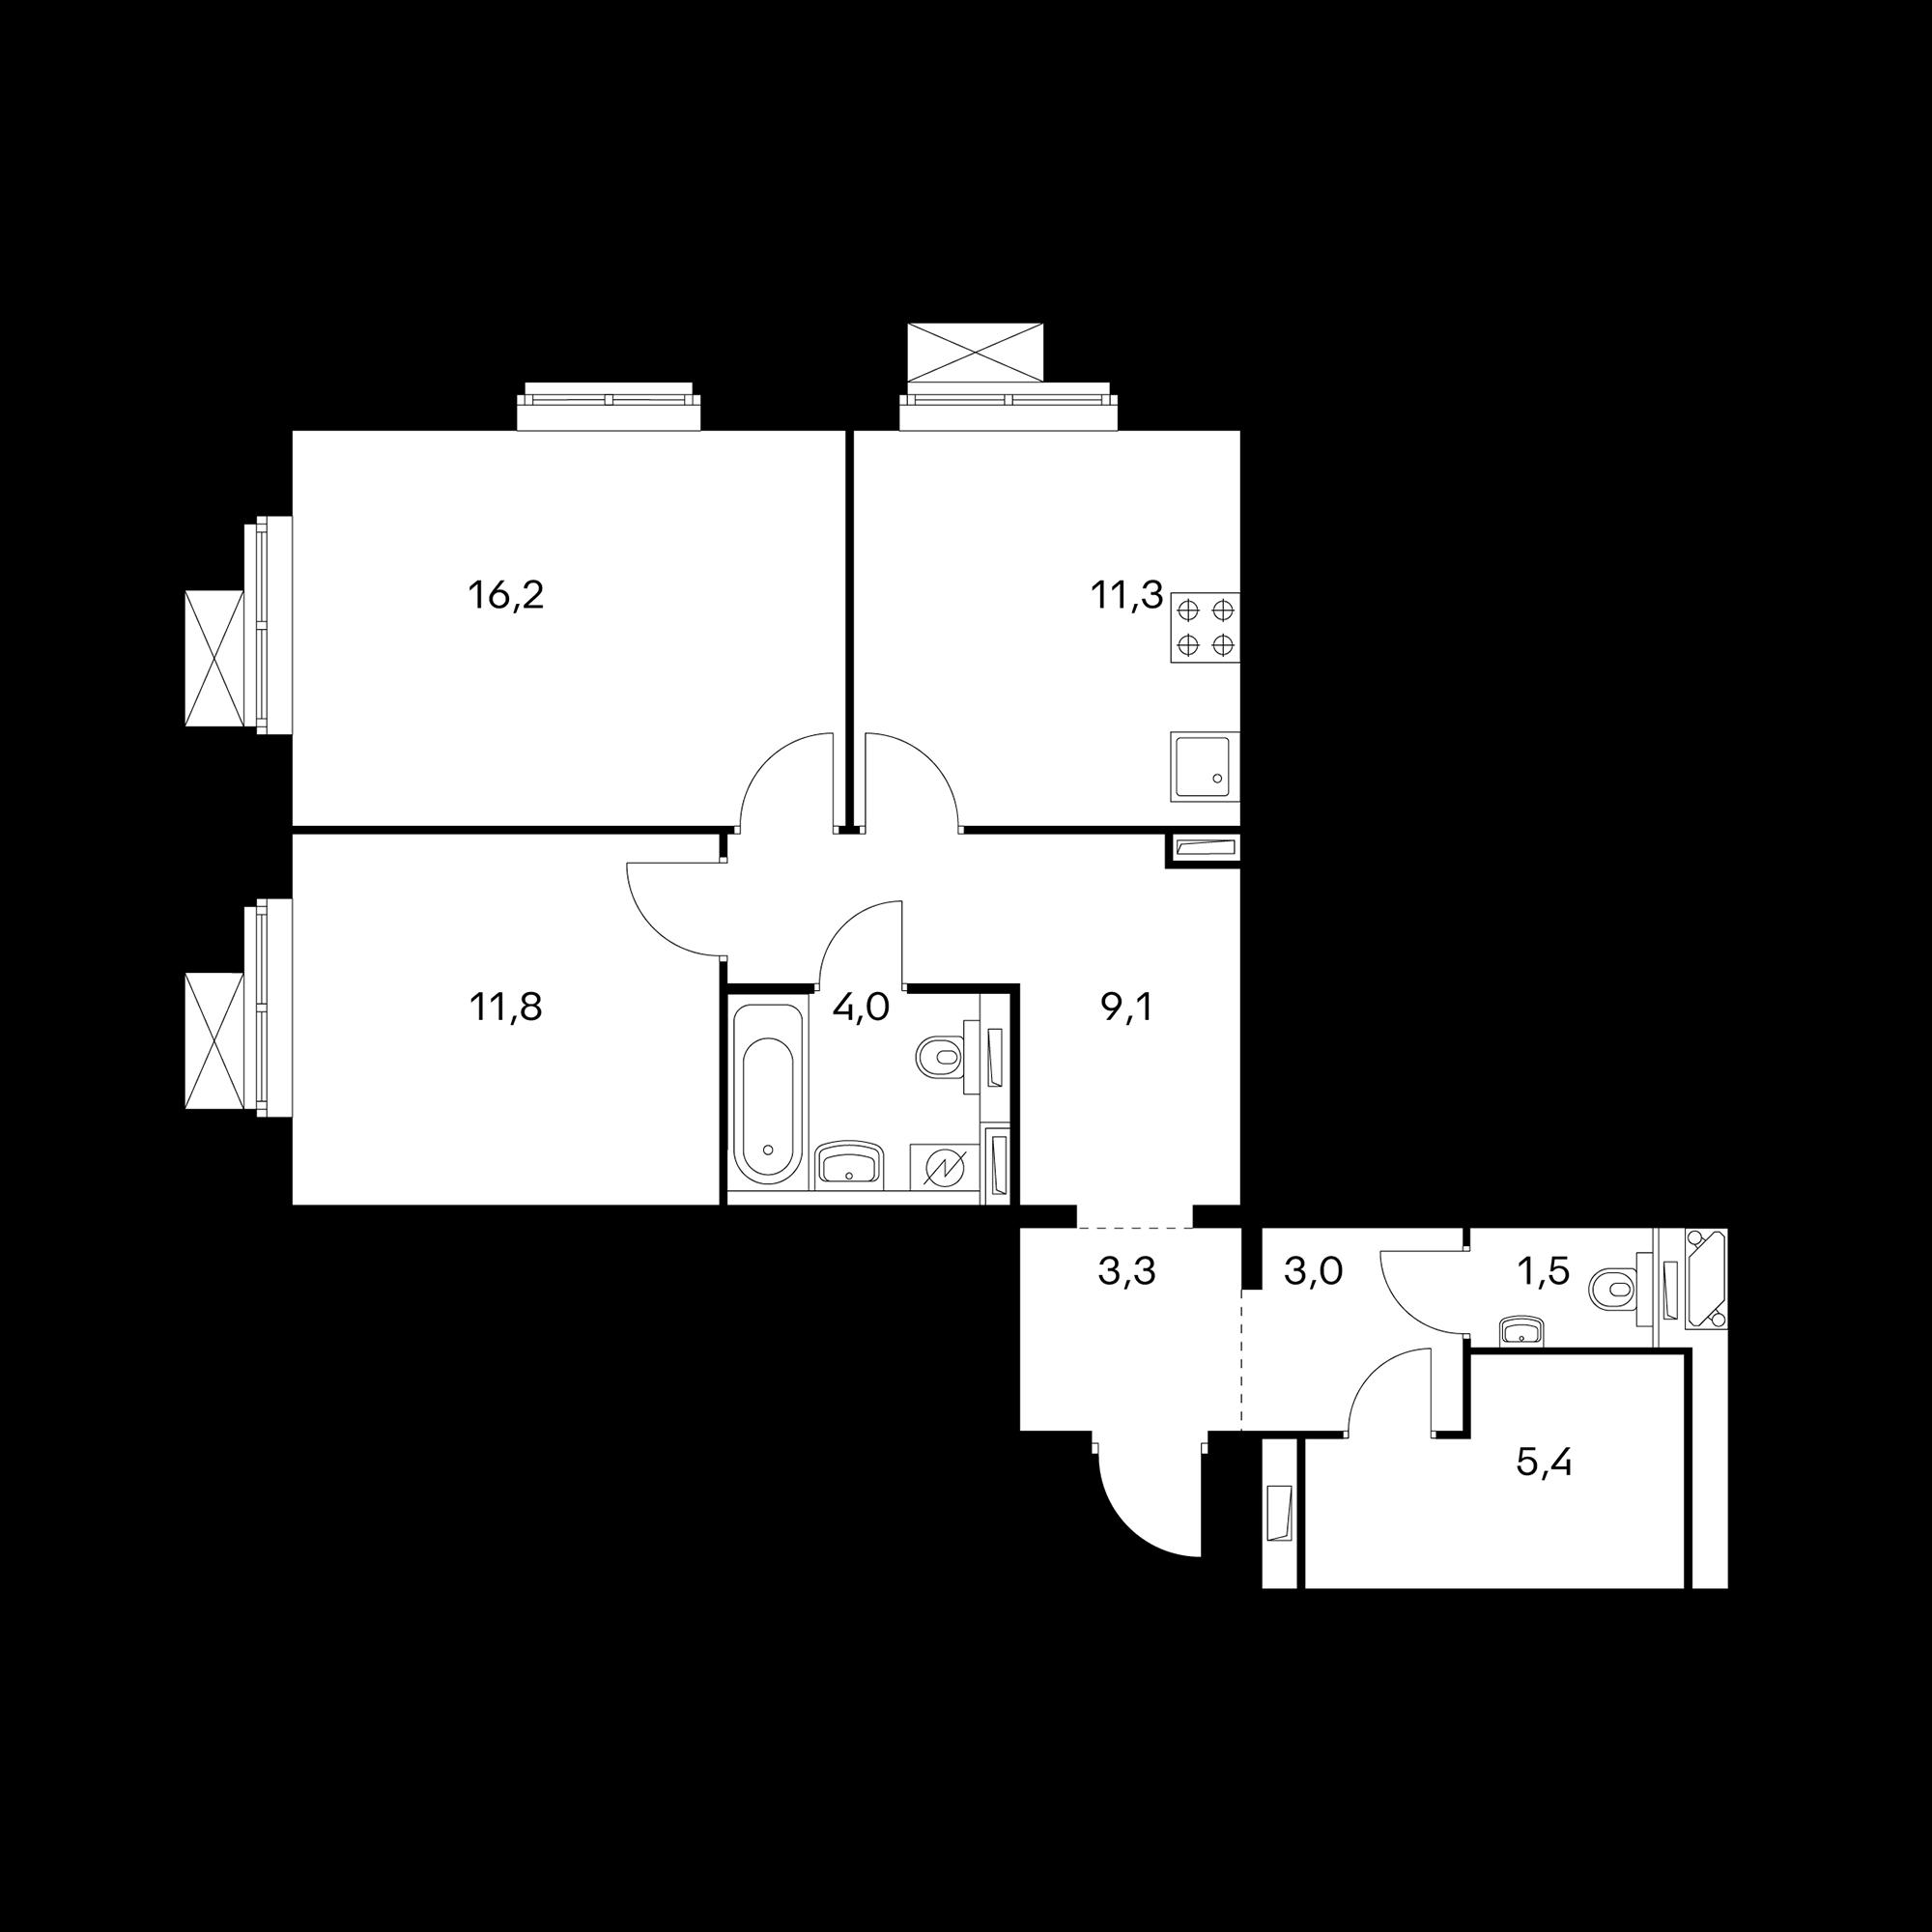 2-комнатная 65.6 м²